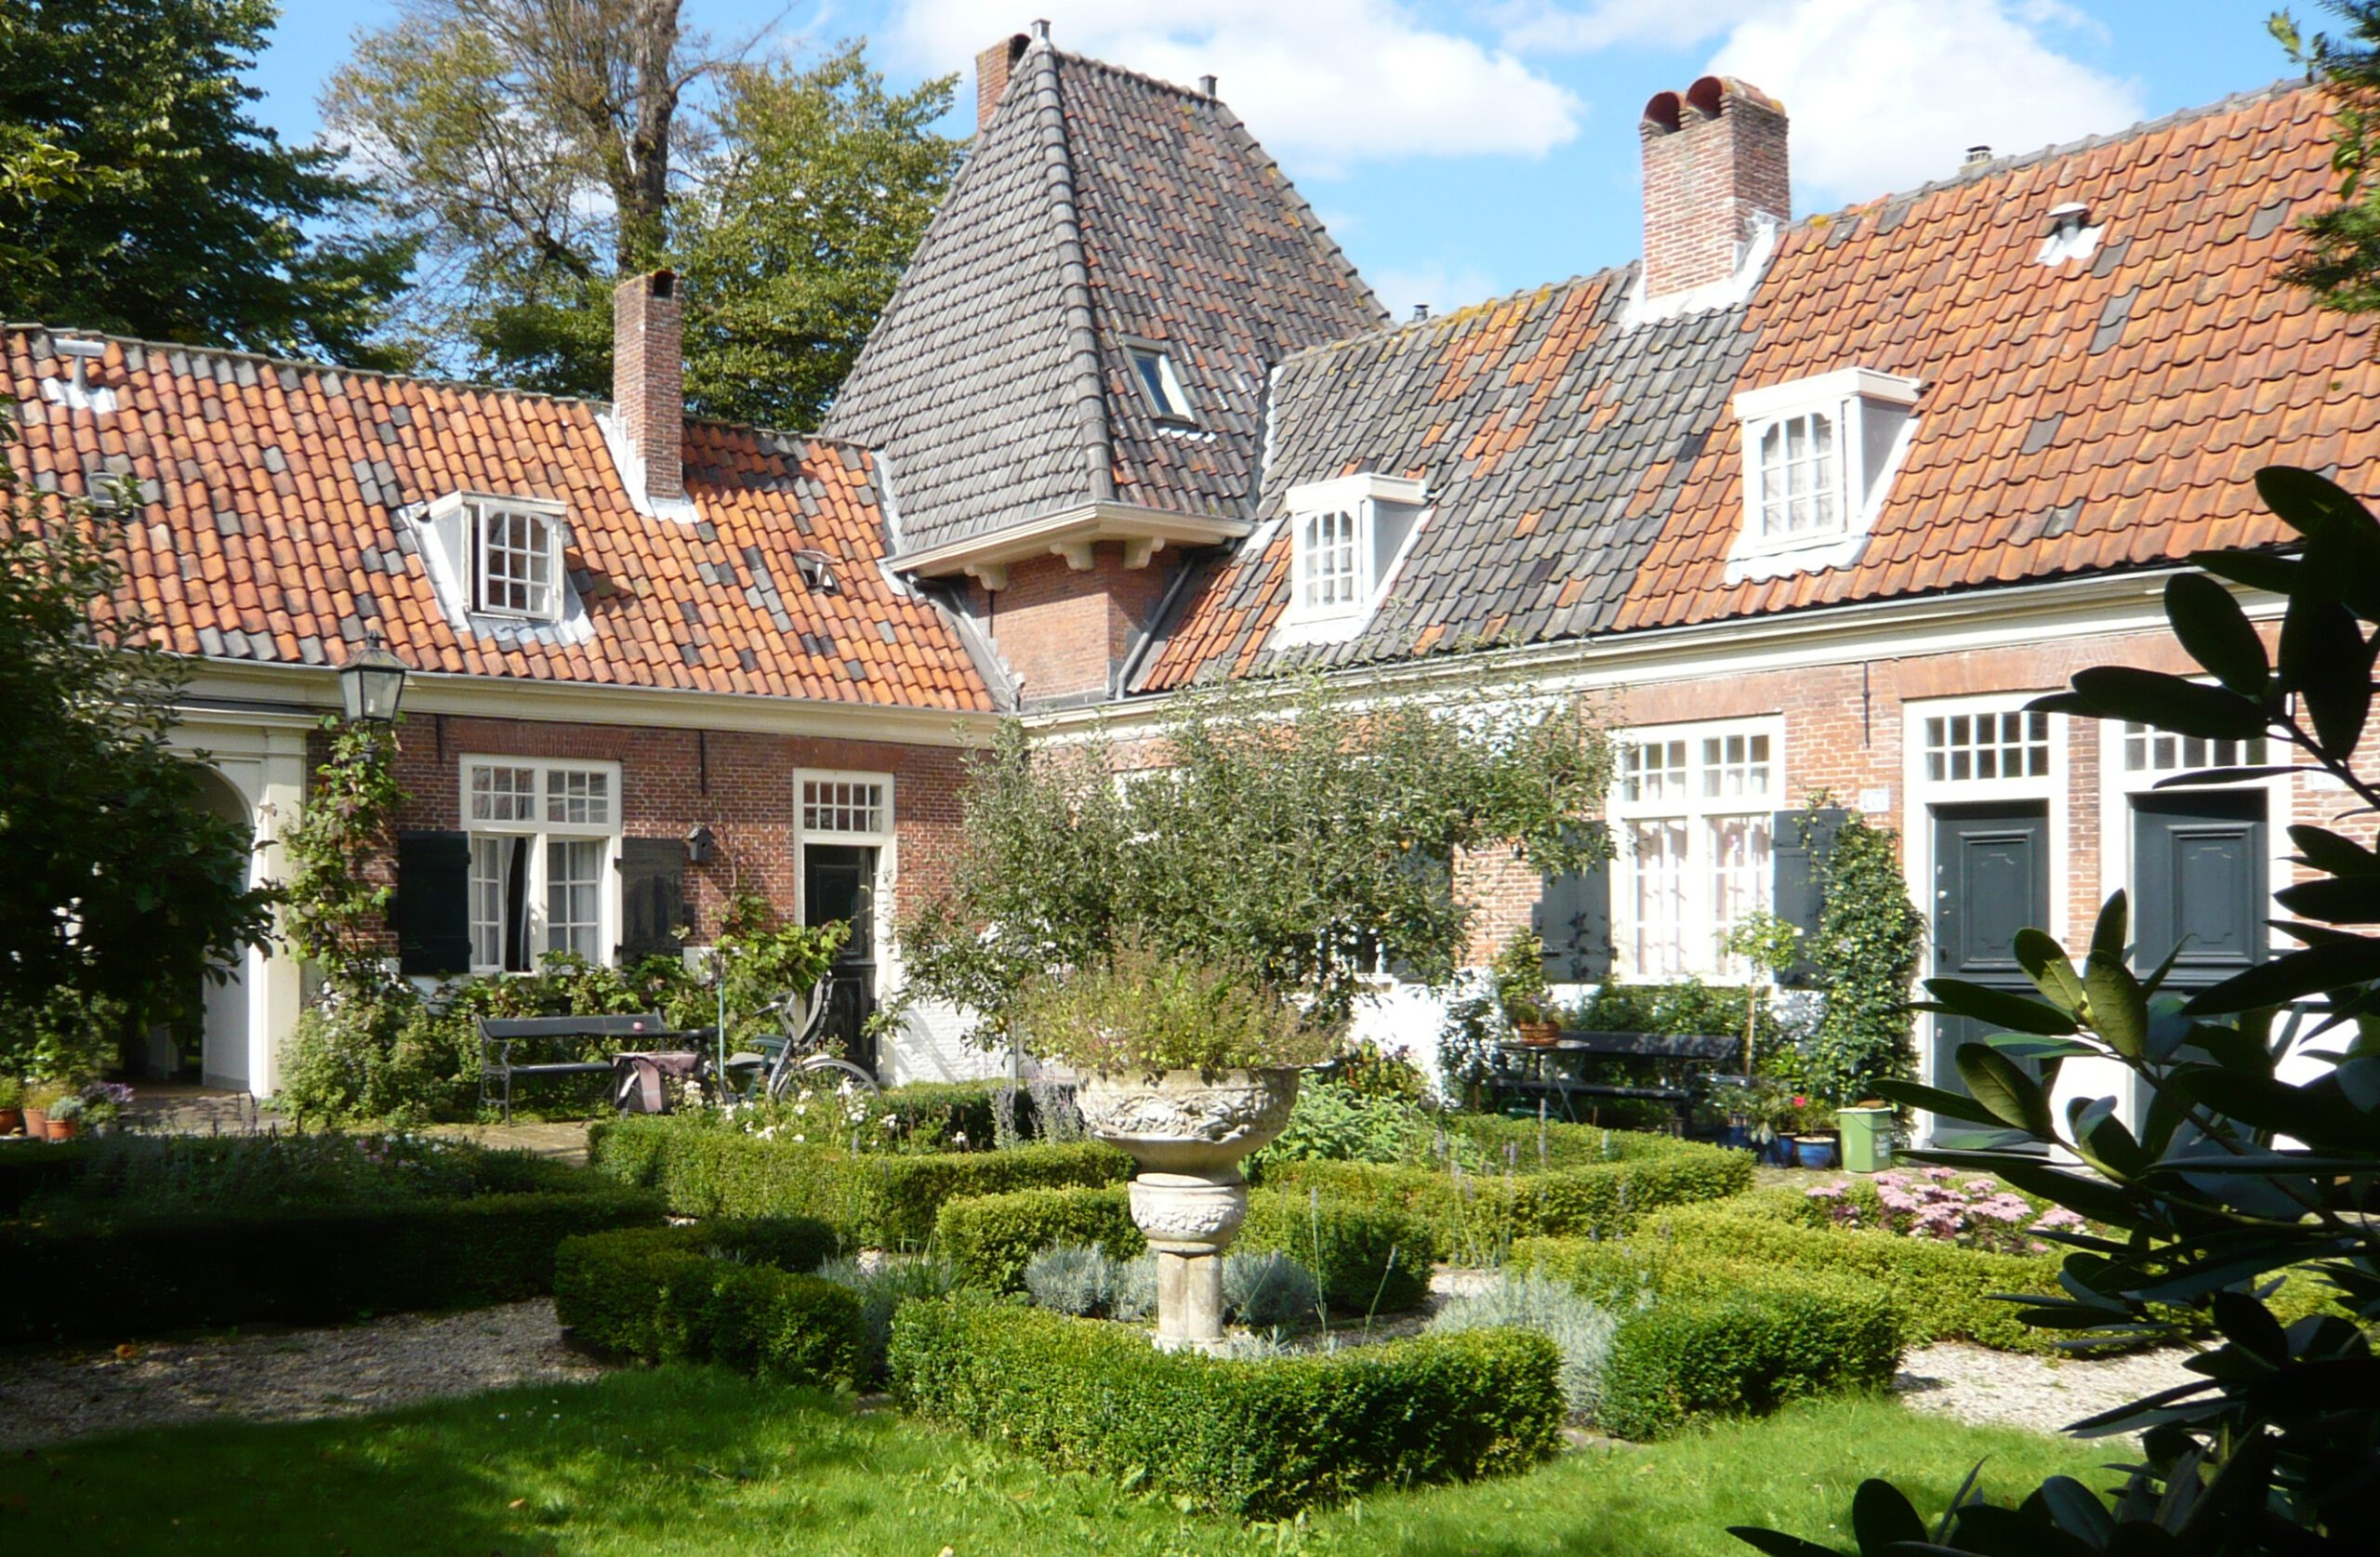 Hofje Willem Van Heythuyzen in Haarlem